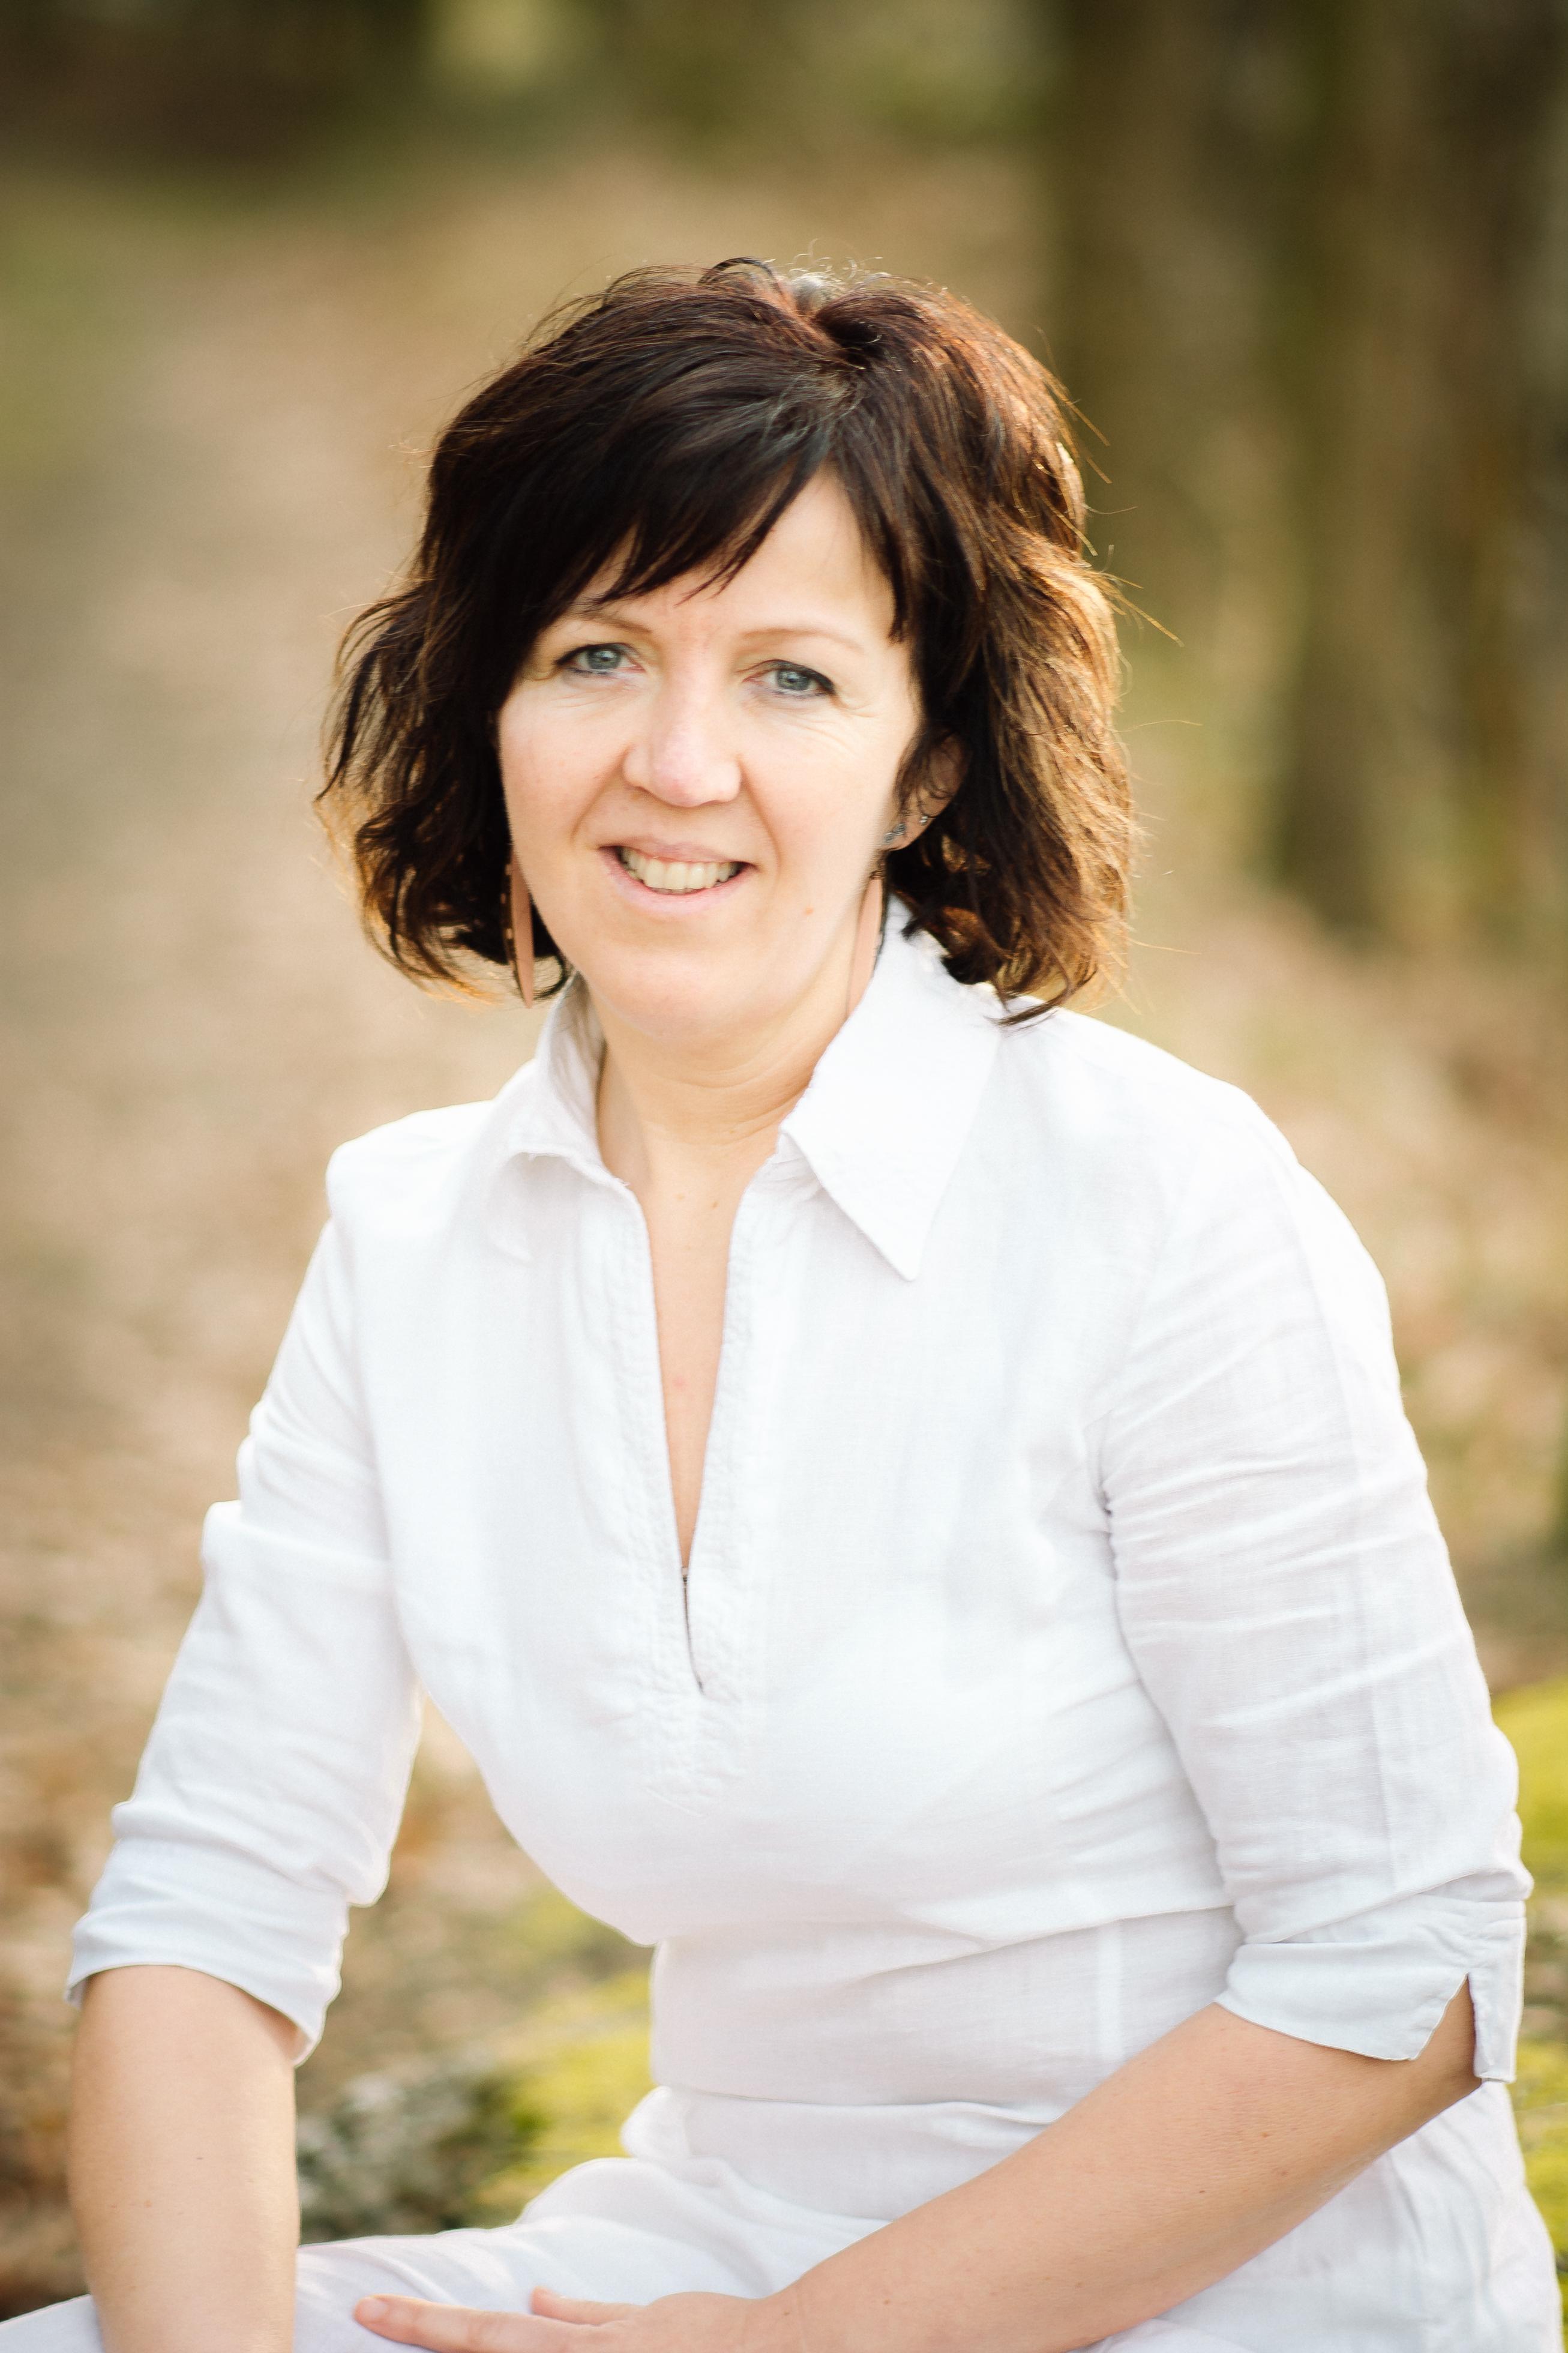 Claudia Kastner-Dumps - Masseurin - http://www.claudia-diemasseurin.at/